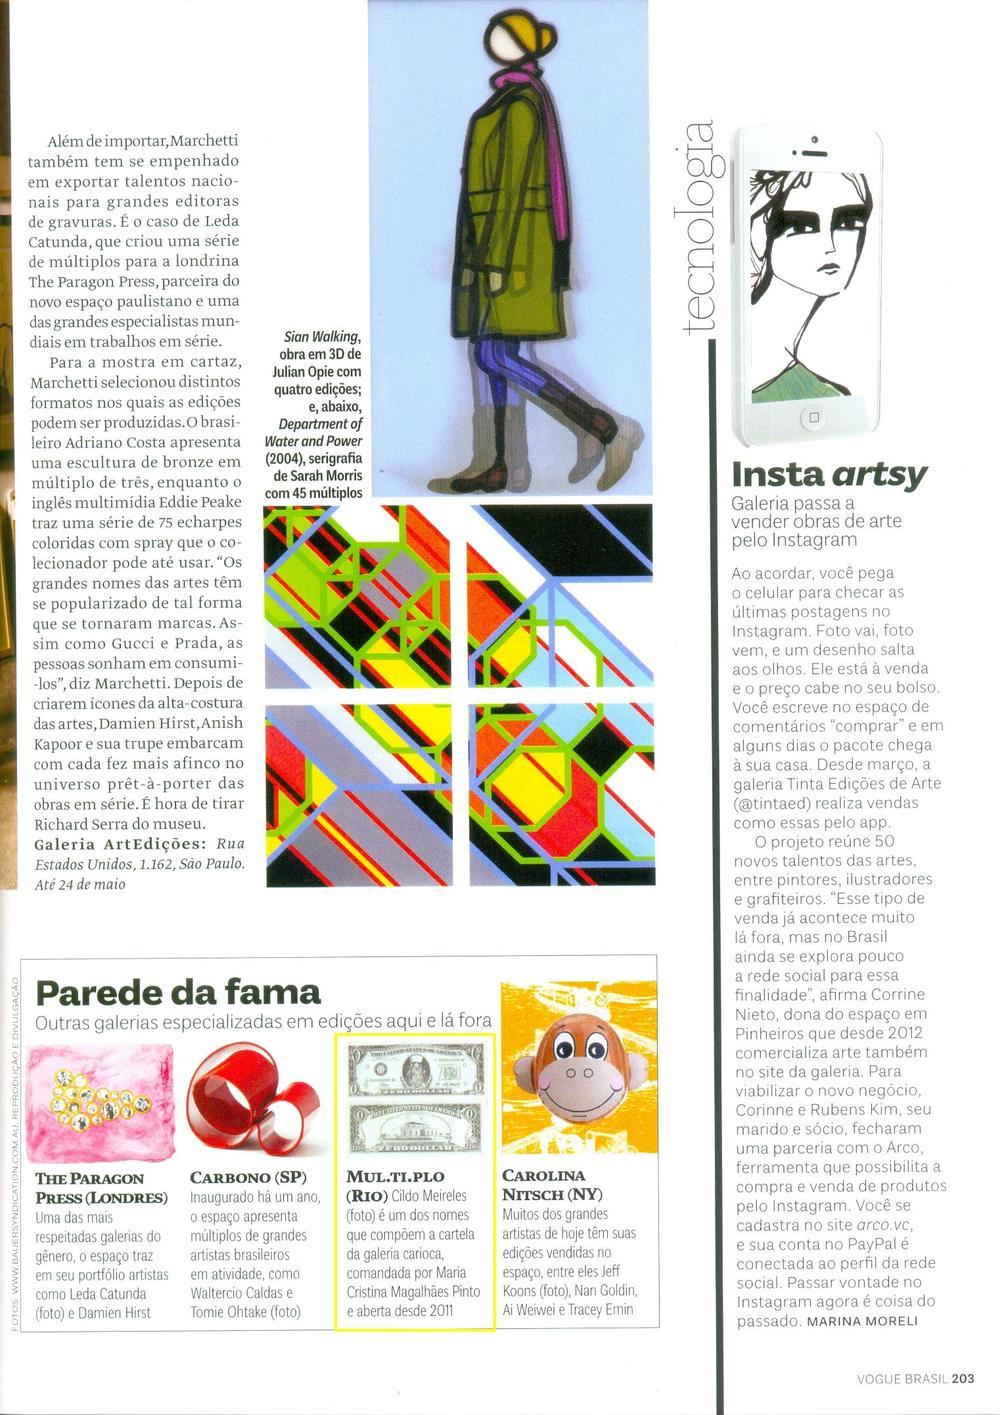 MUL.TI.PLO ESPAÇO ARTE NA REVISTA VOGUE MAIO 2014 (2).jpg